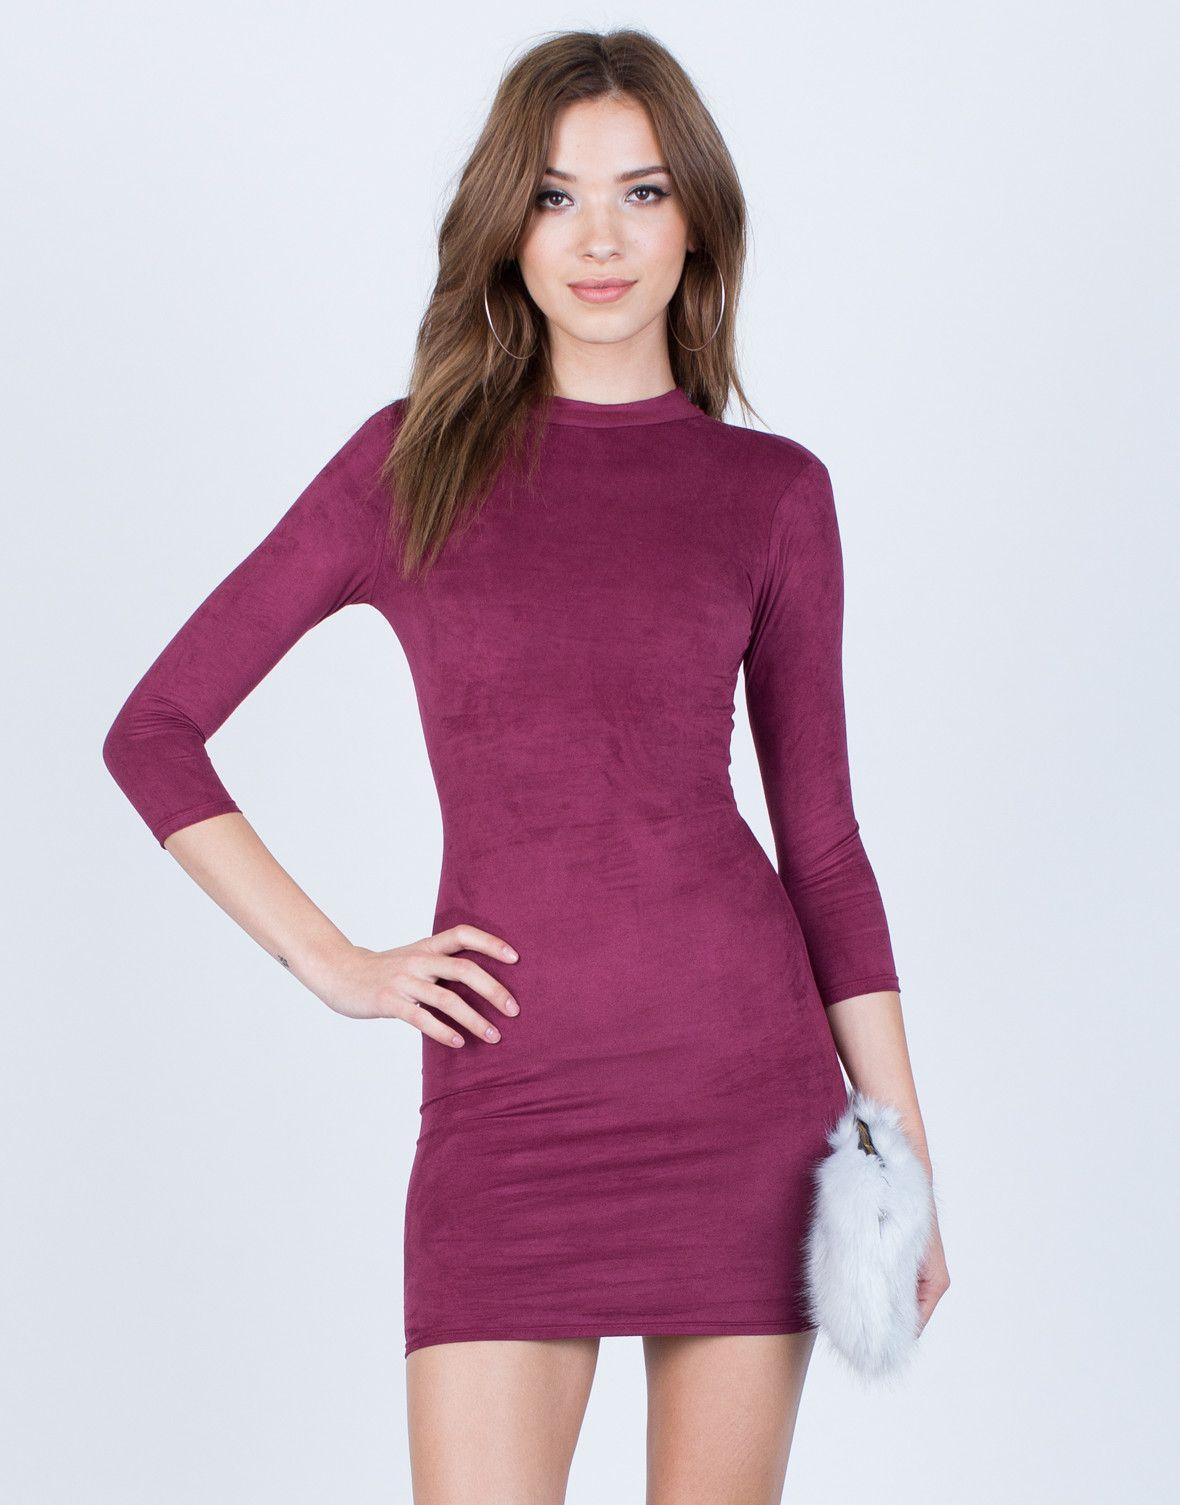 Tied Up Suede Bodycon Dress | Moda casual